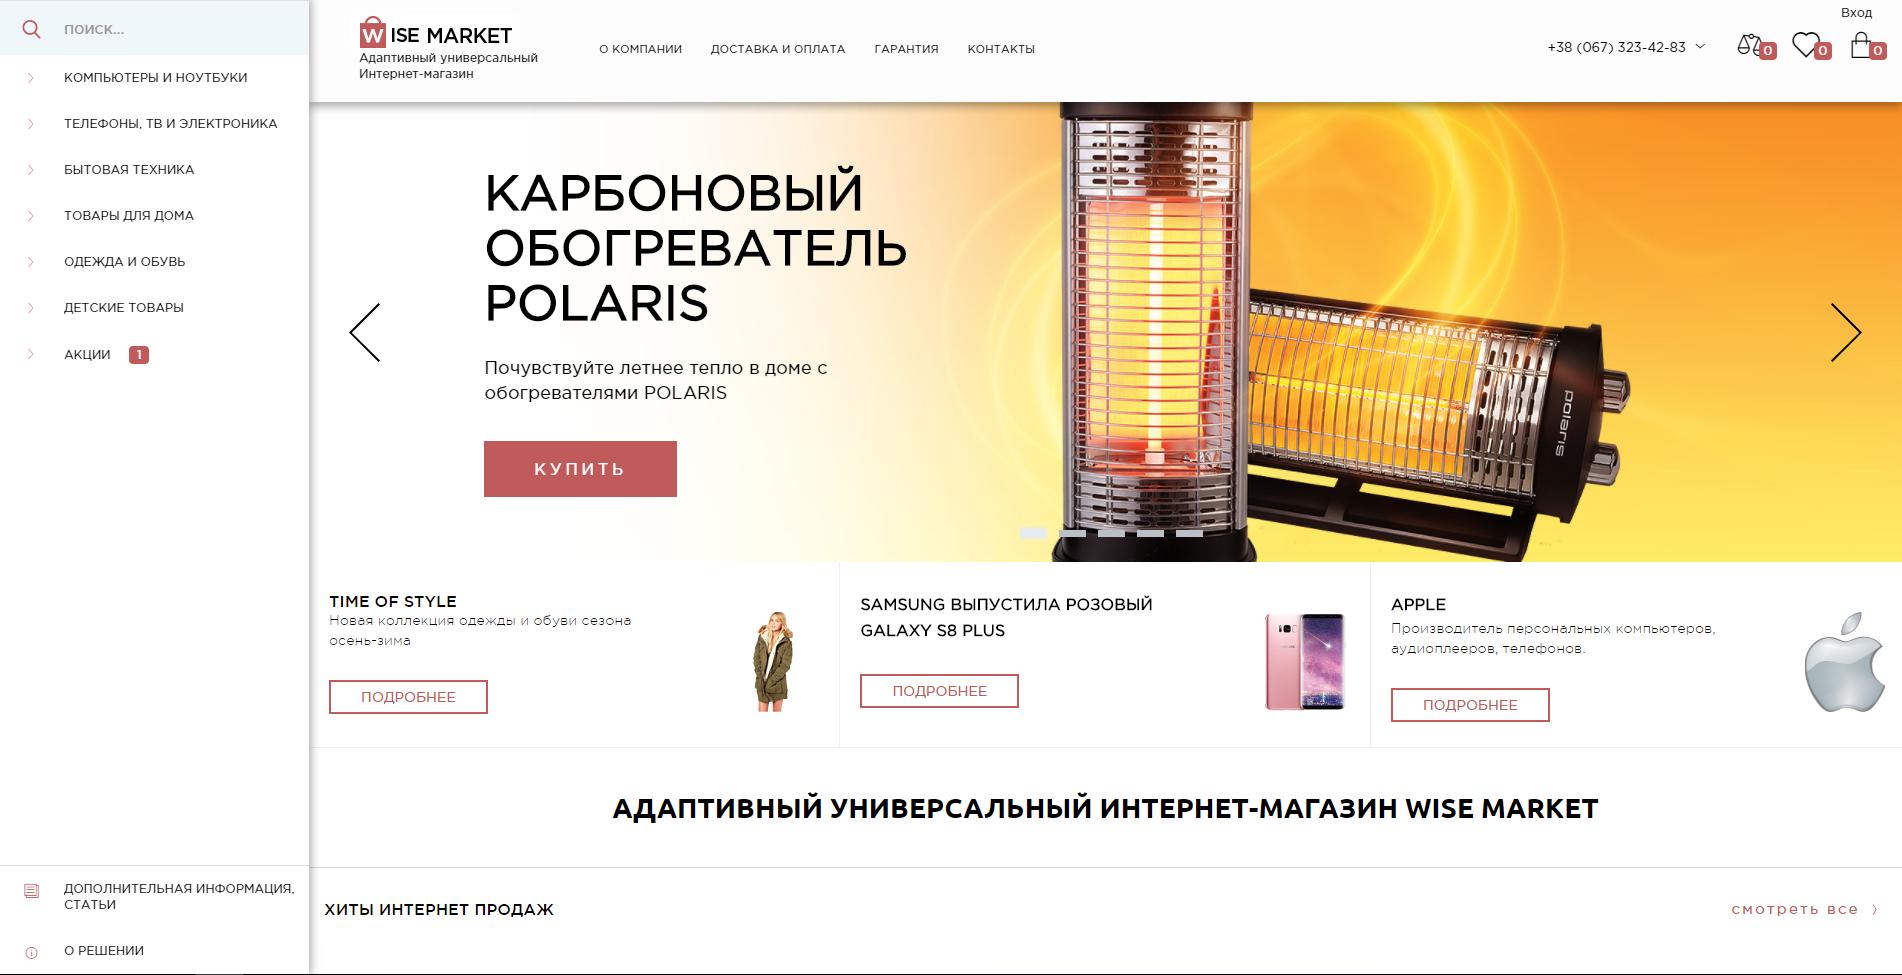 af1643c170831 Wise Market: Адаптивный Интернет-магазин купить за 4559 грн ...